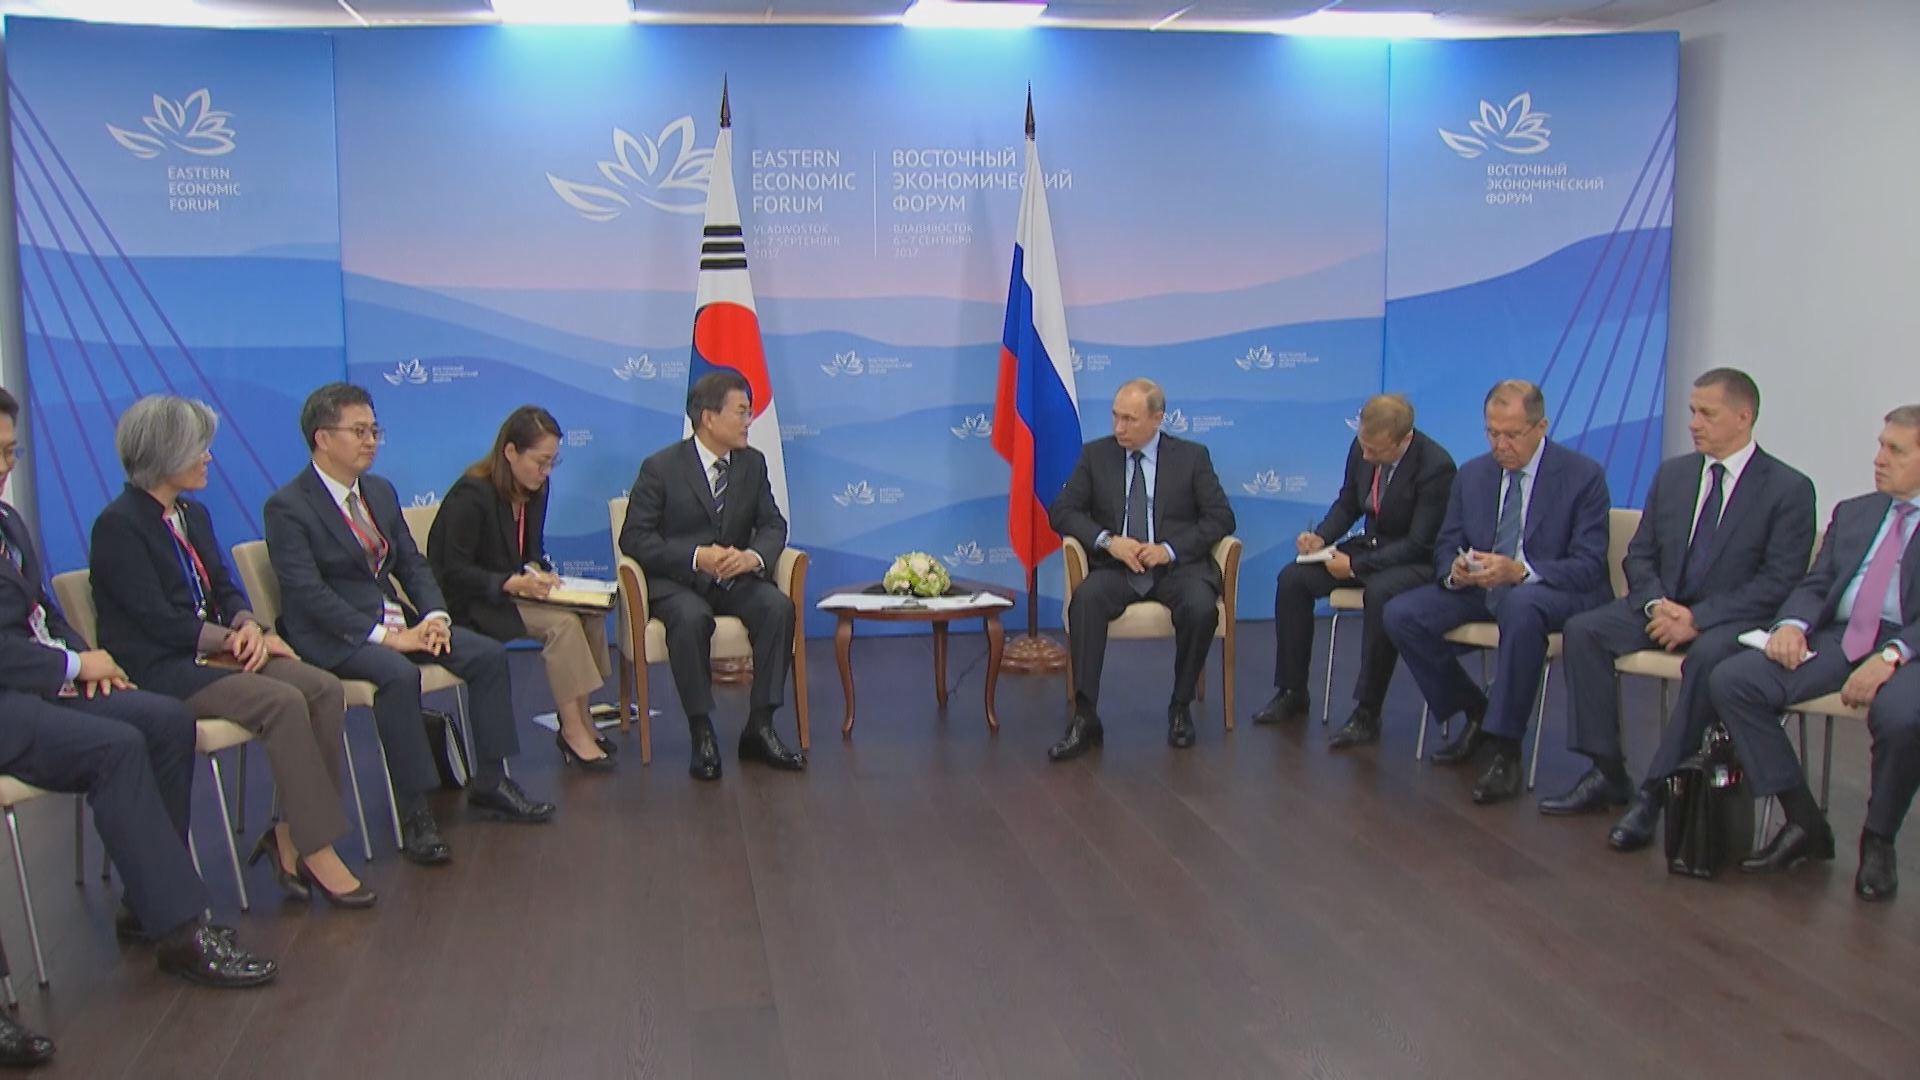 한국 대통령 최초 러시아 하원 연설